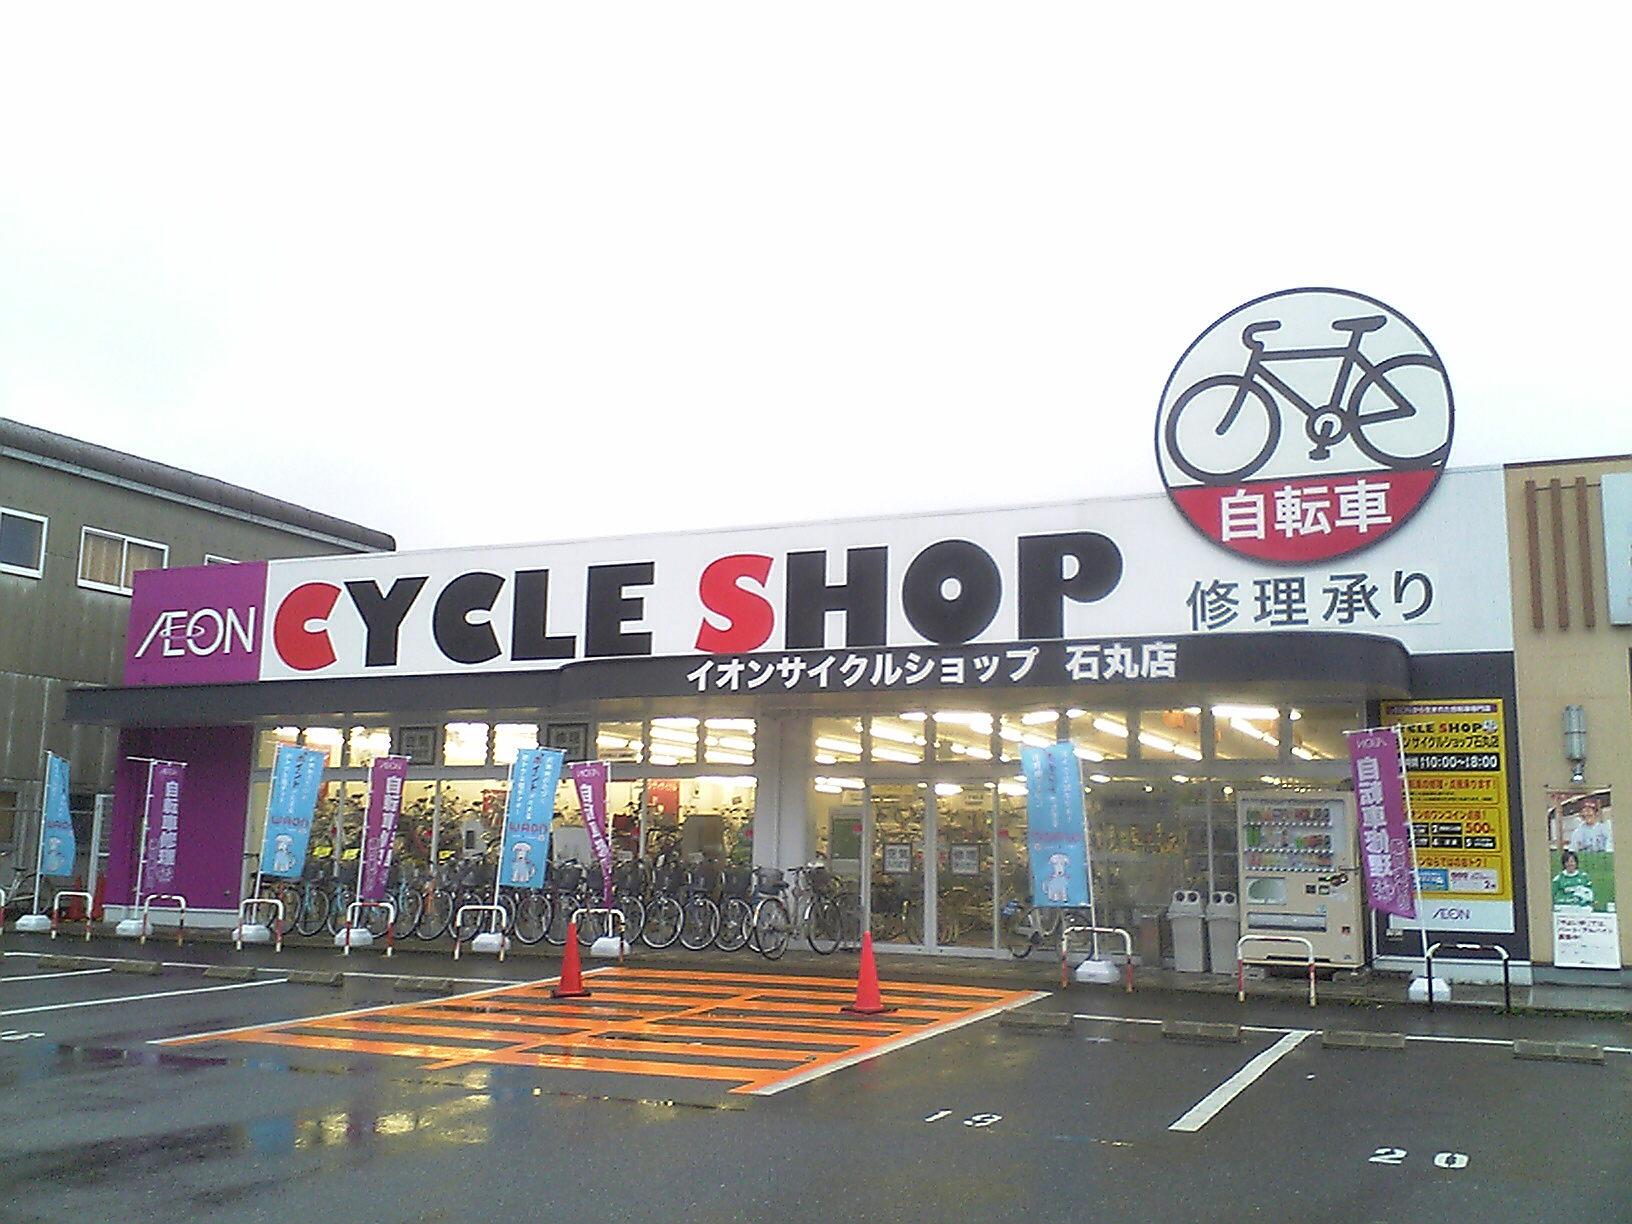 自転車の 自転車 福岡市西区 : Cycle Shop